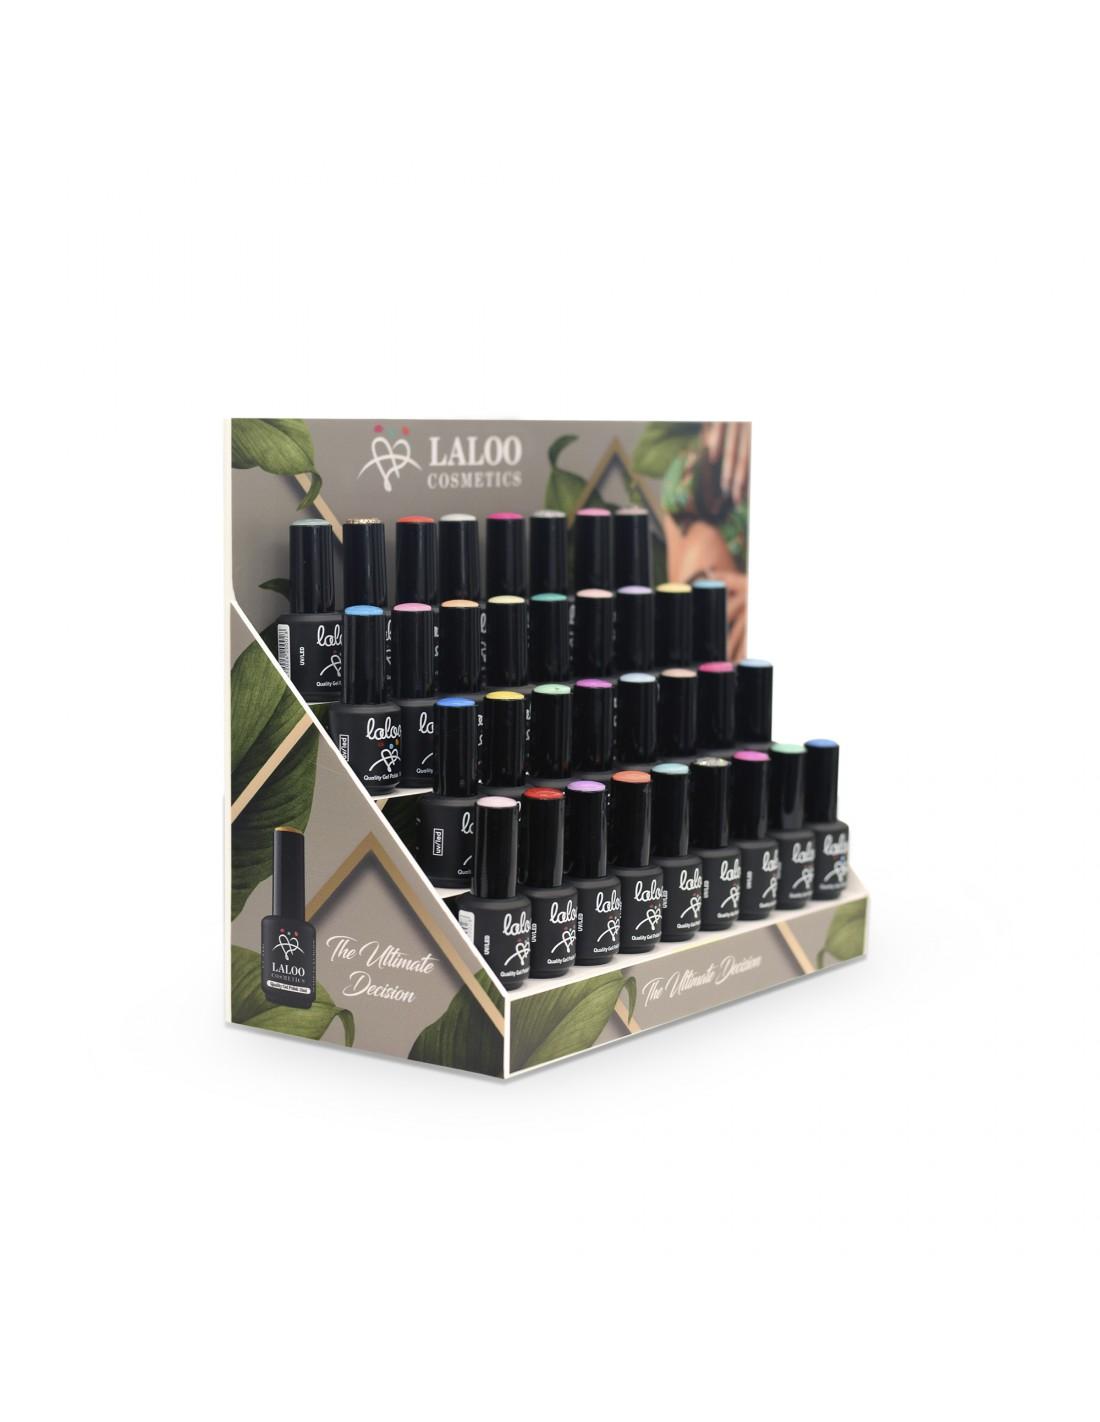 Μονοφασικό τζελ χτισίματος Laloo Cosmetics UV Gel Super